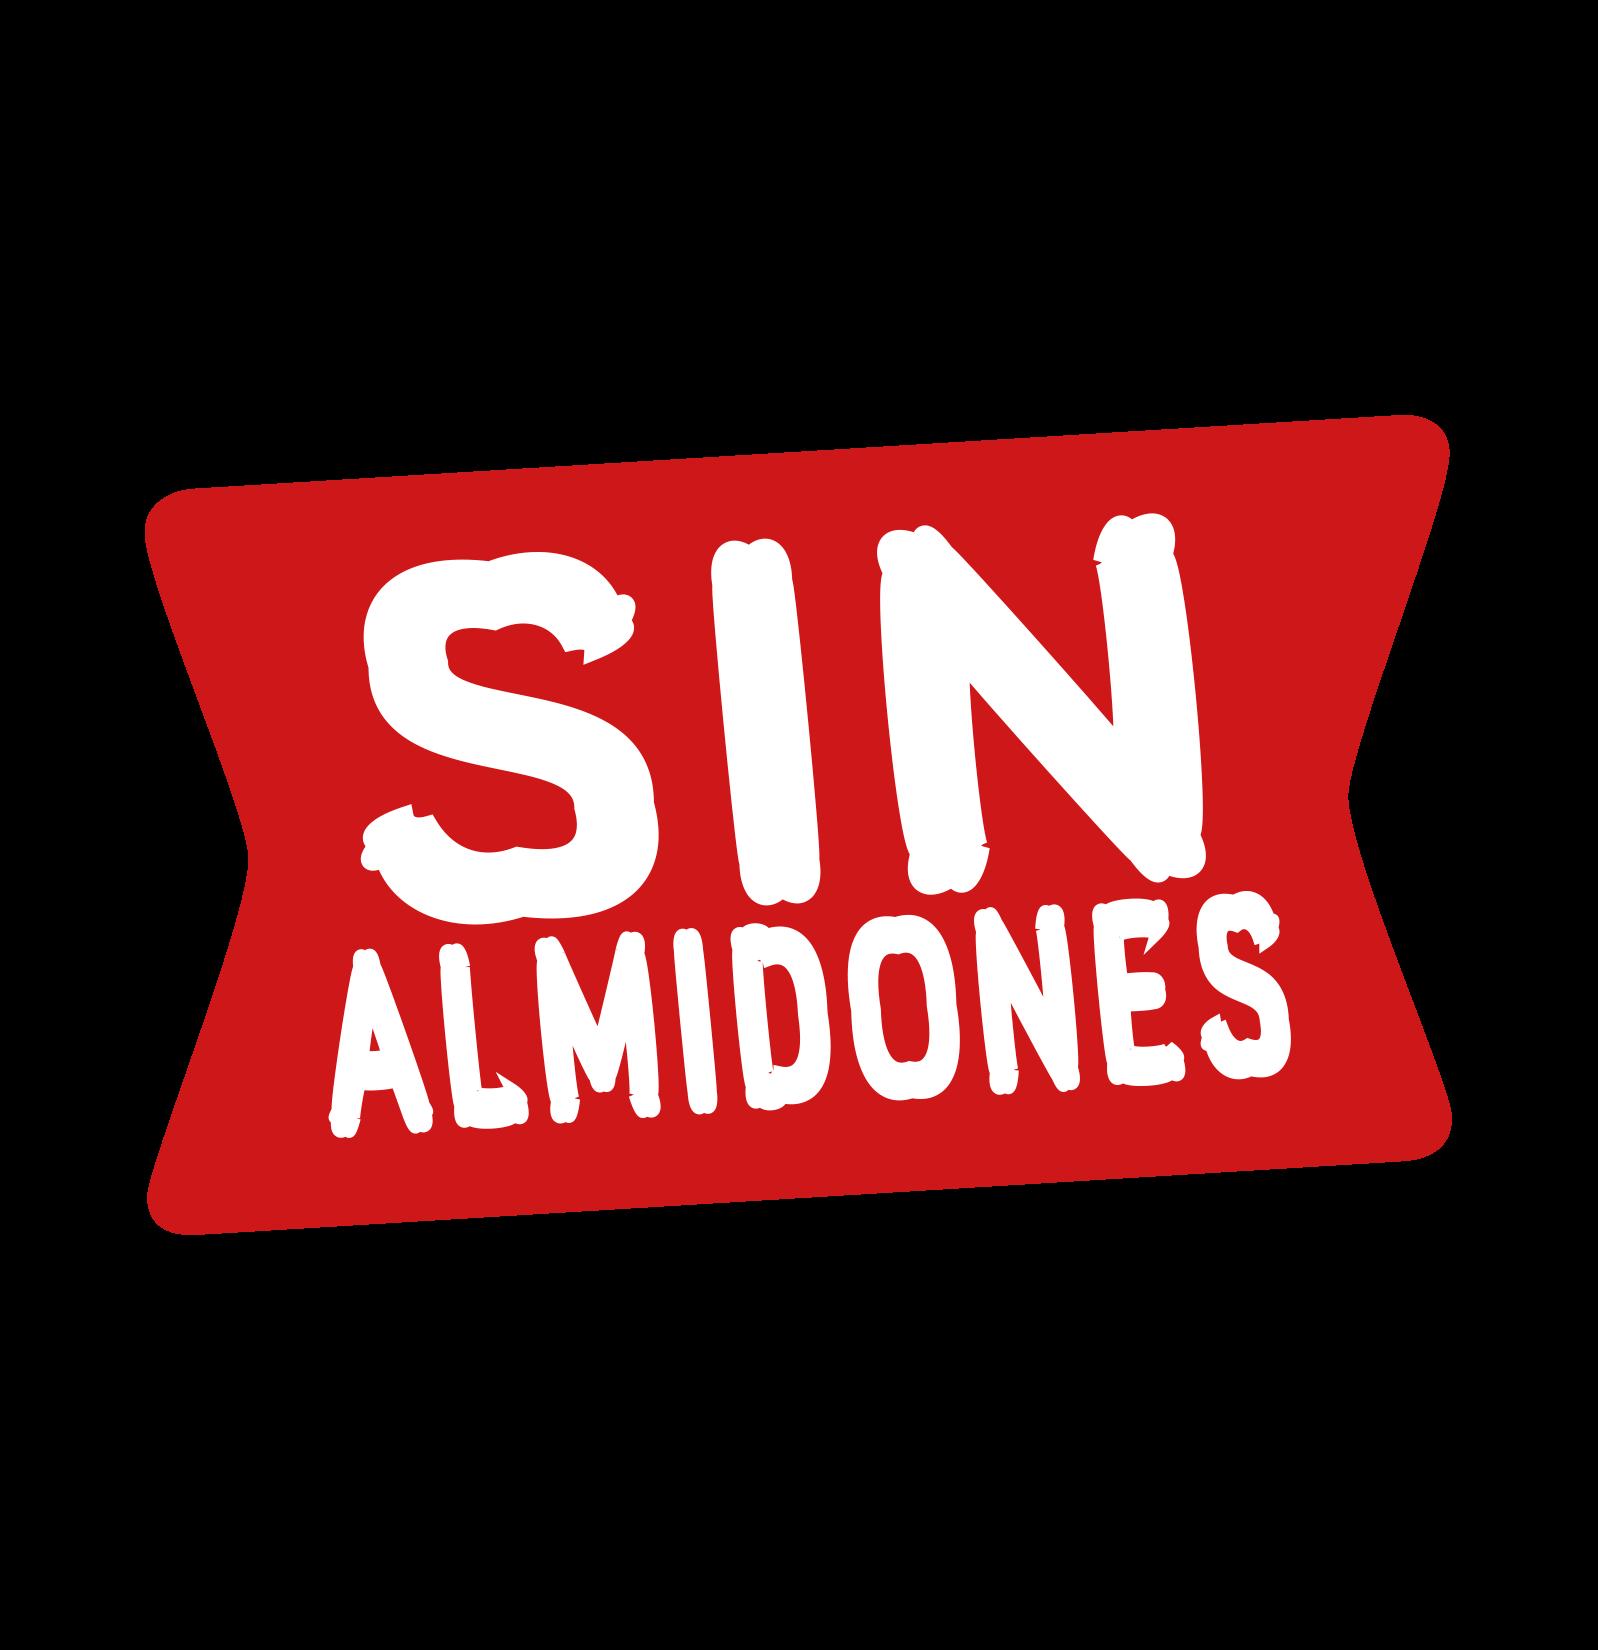 logo-sin-almidones-carne